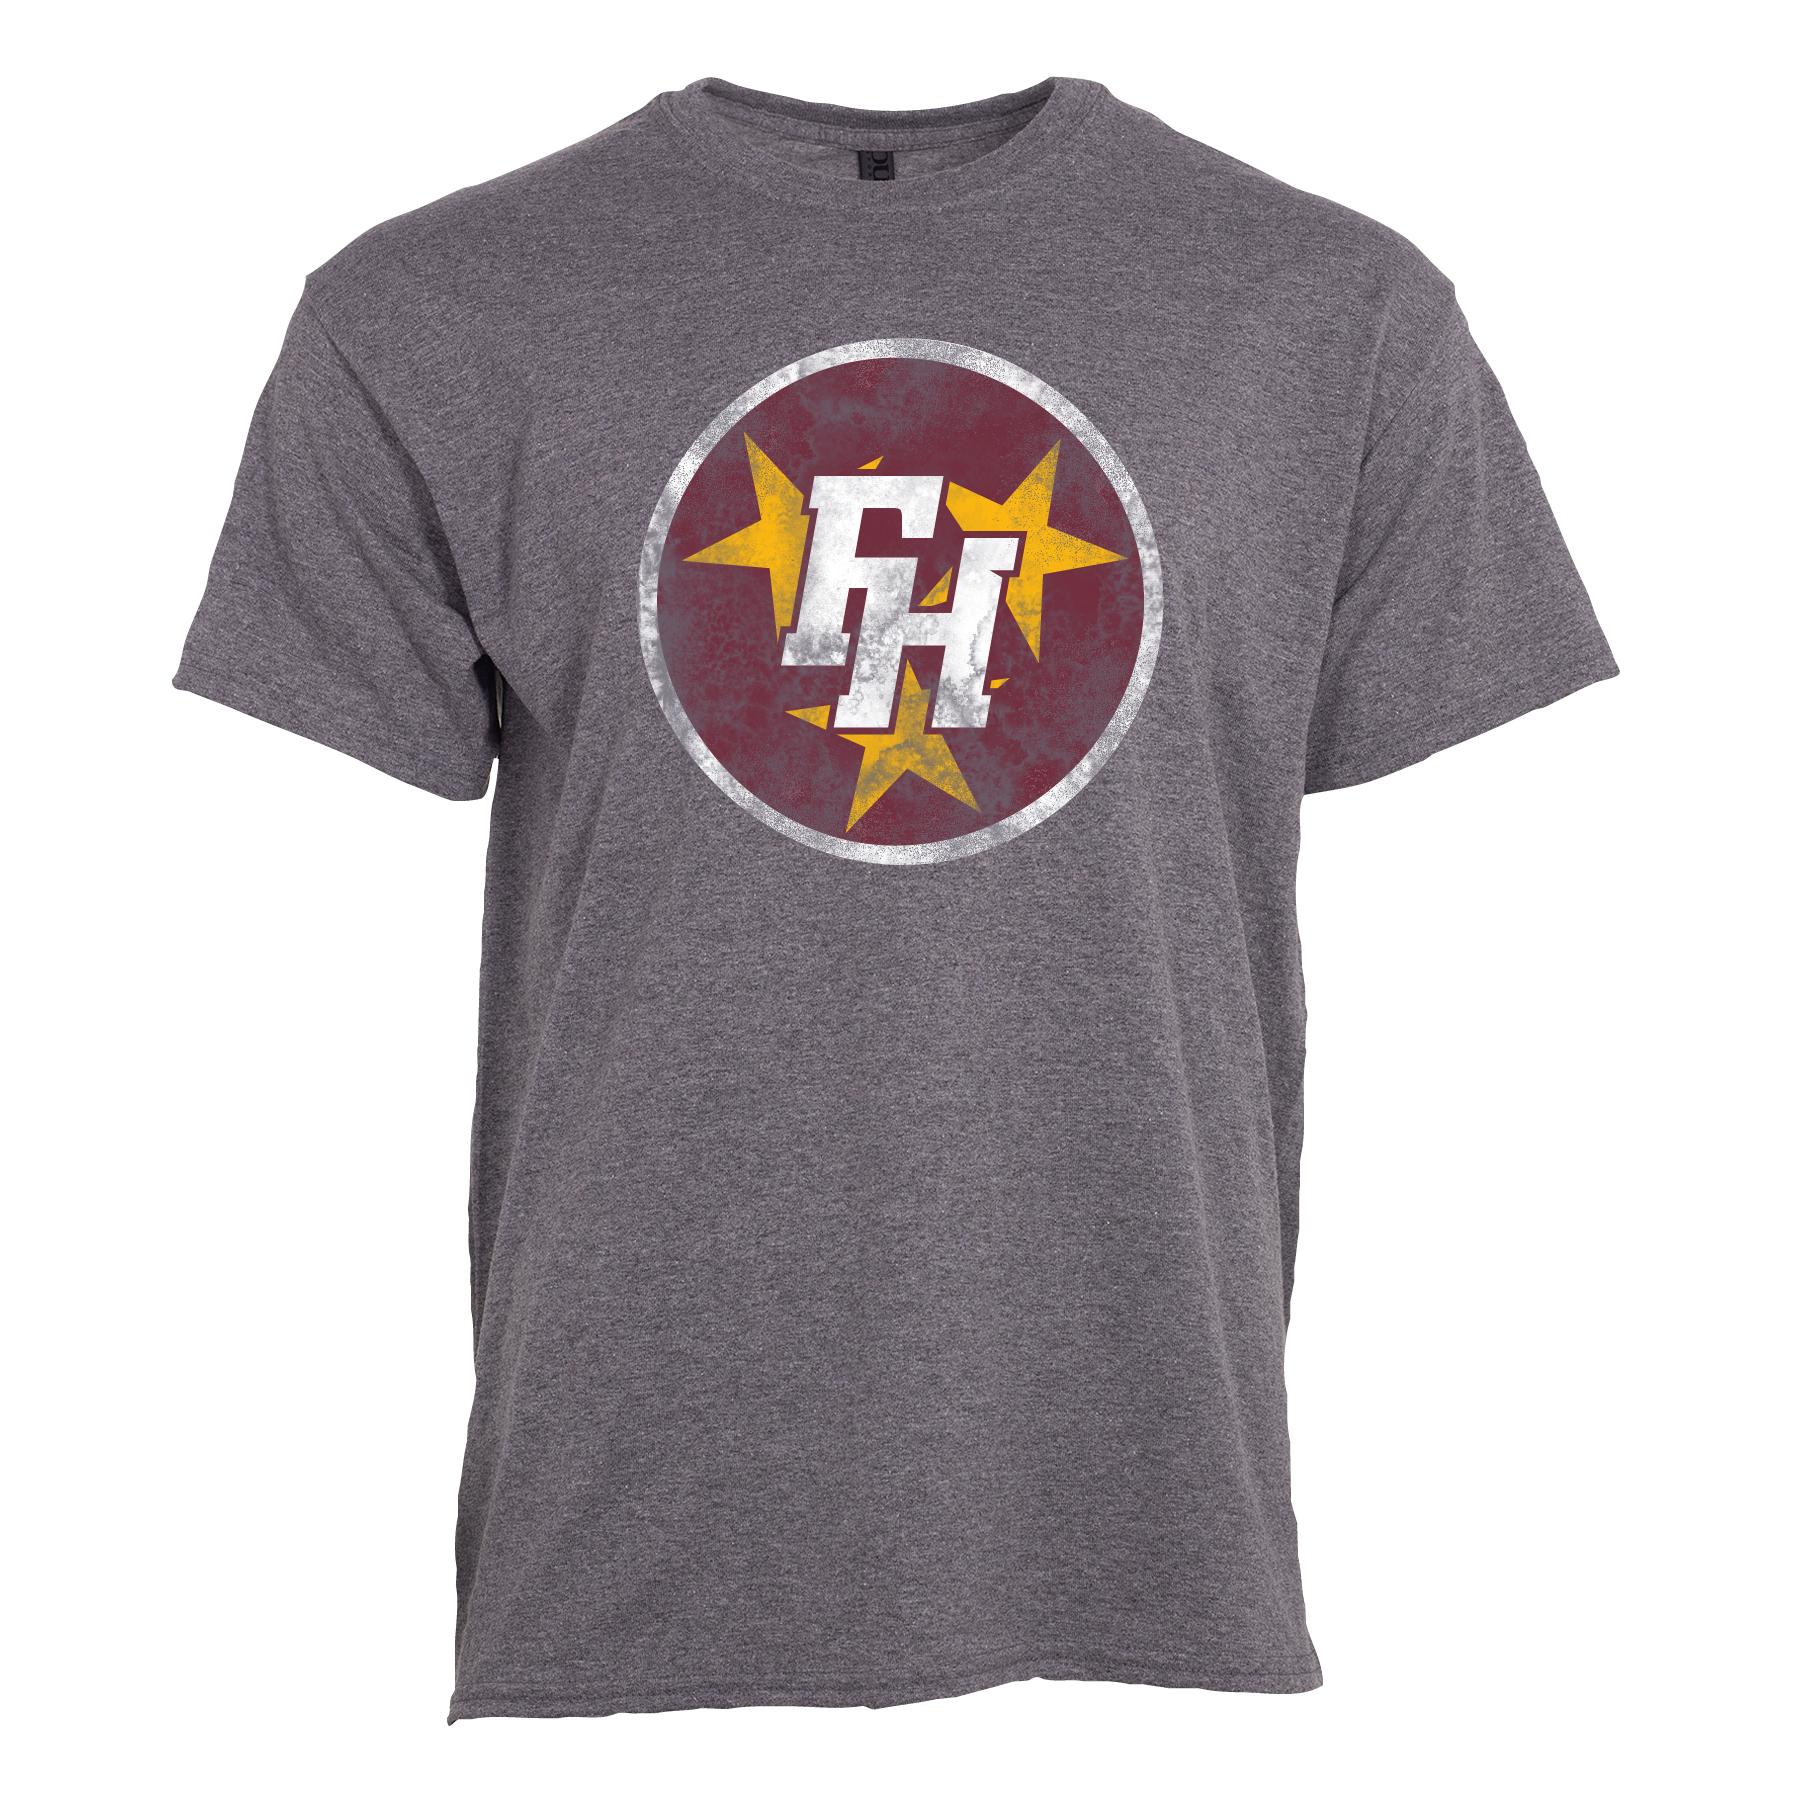 FHU Tri-Star Logo Tee